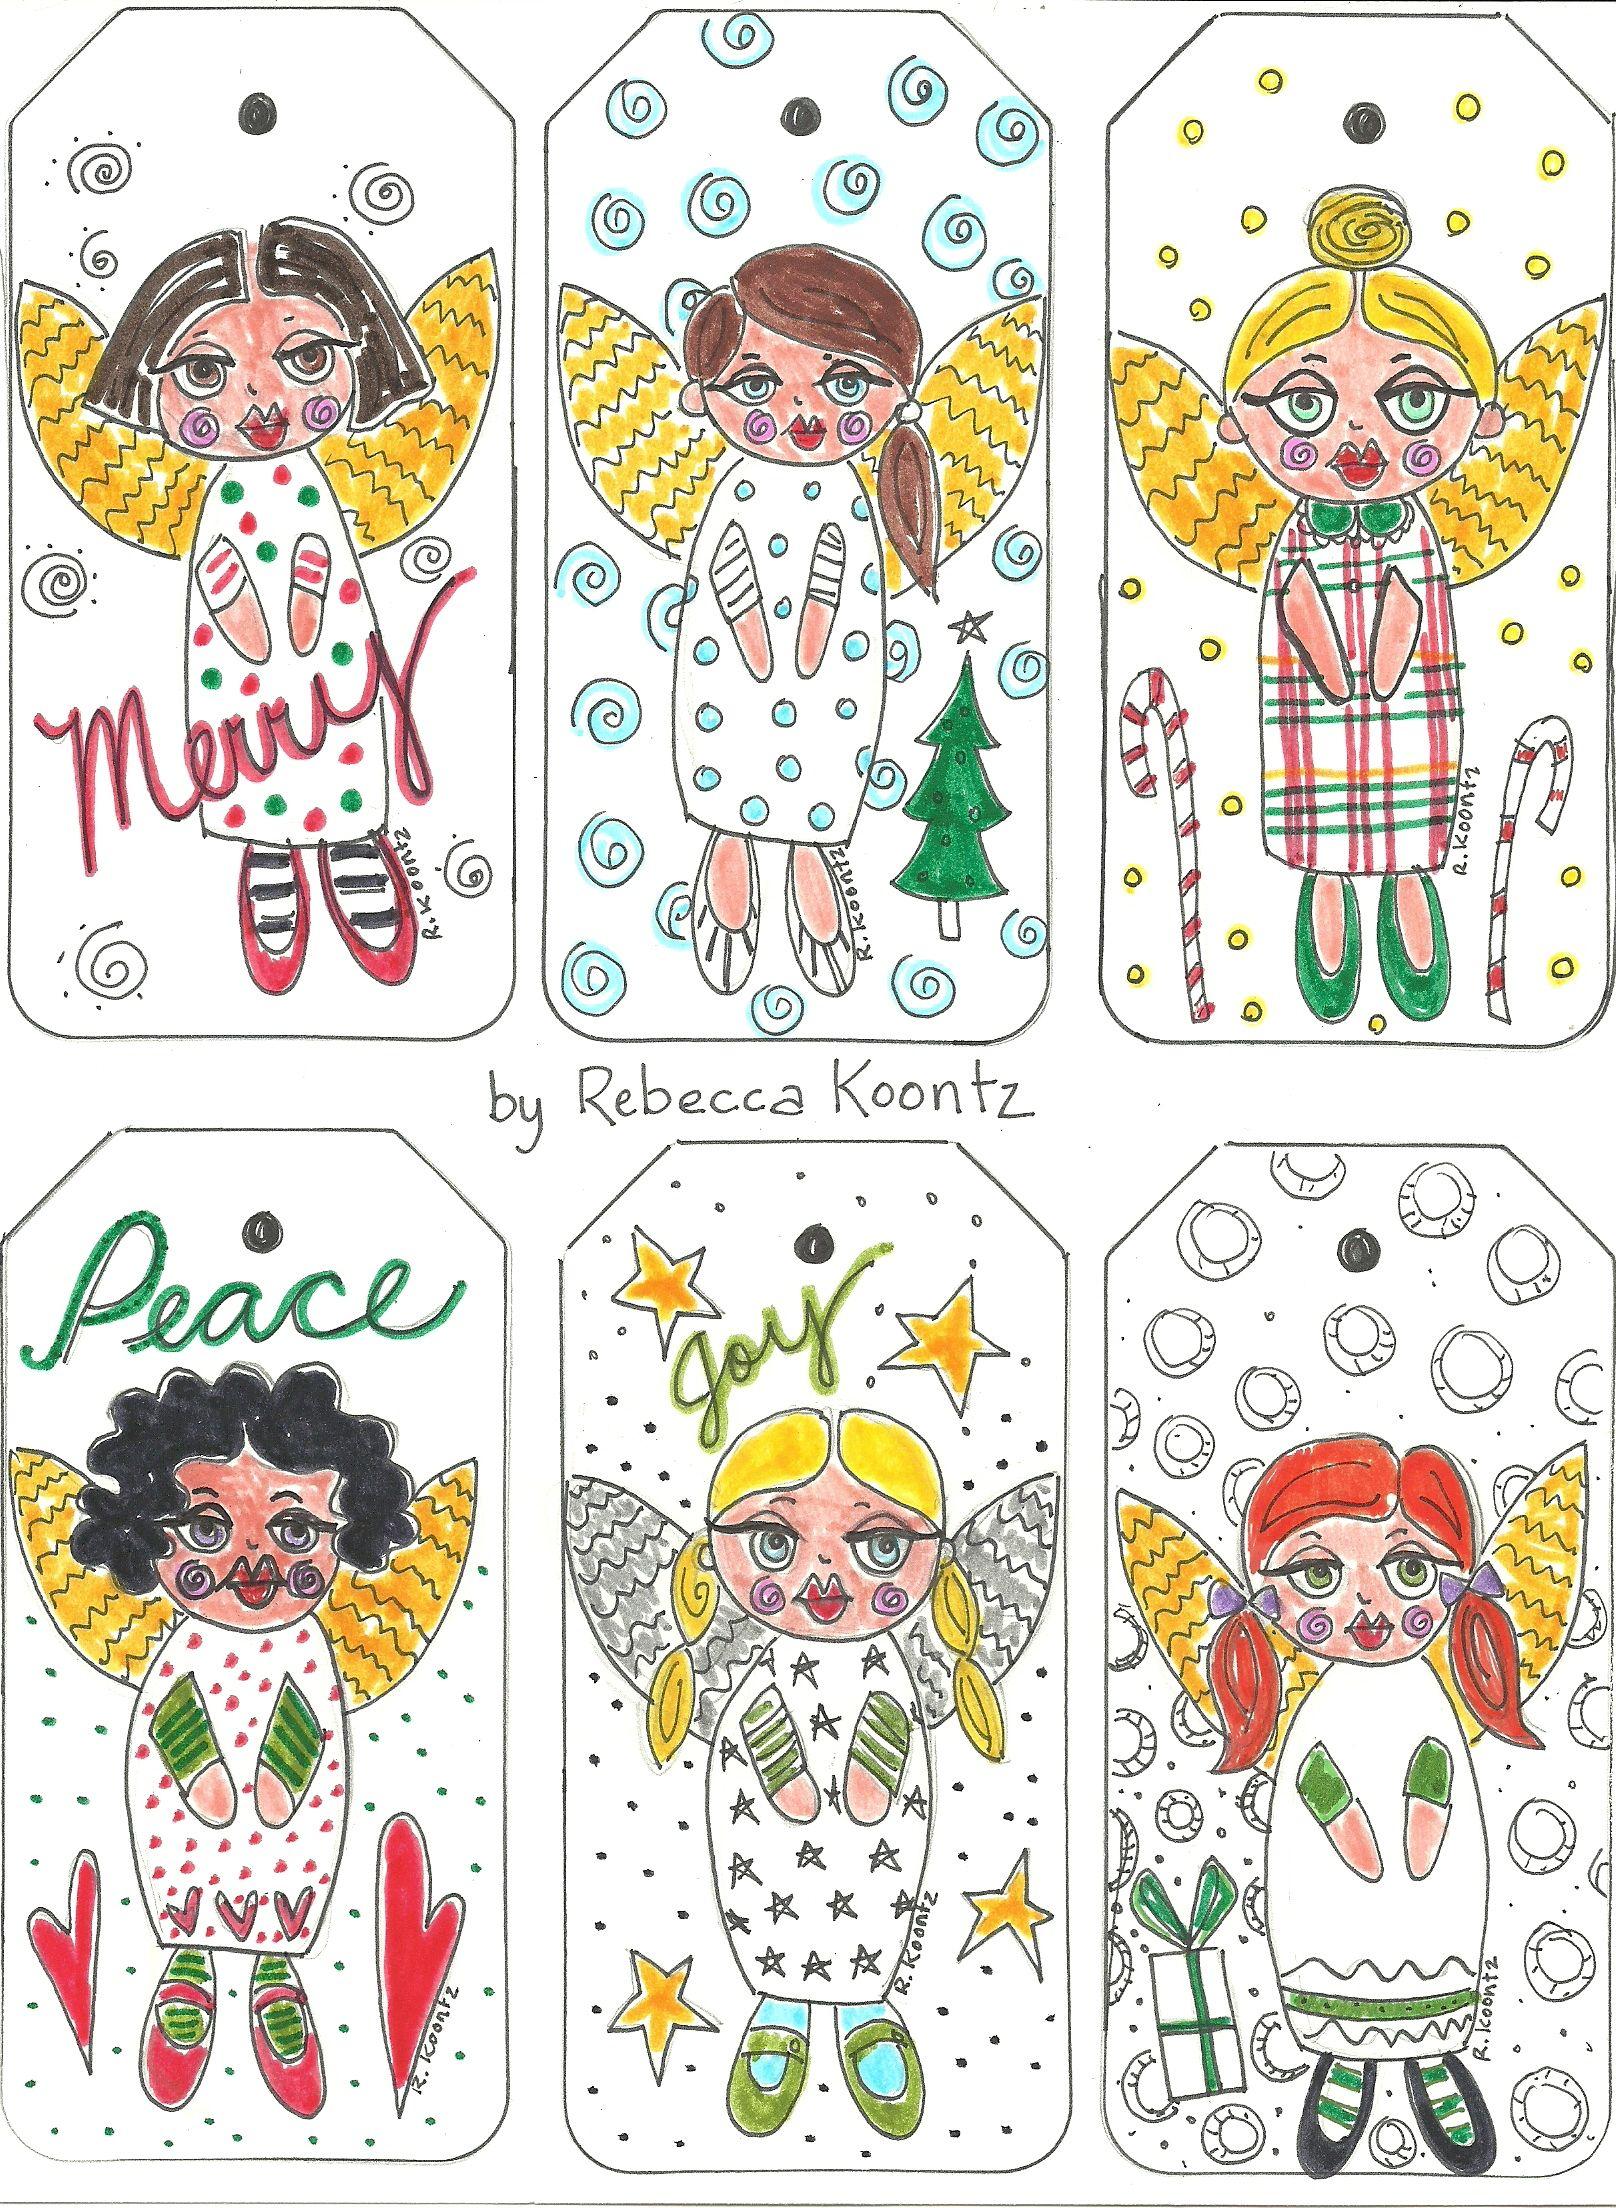 Angel Gift Tags (Free Printable) | Christmas | Pinterest | Free - Free Printable Angel Gift Tags